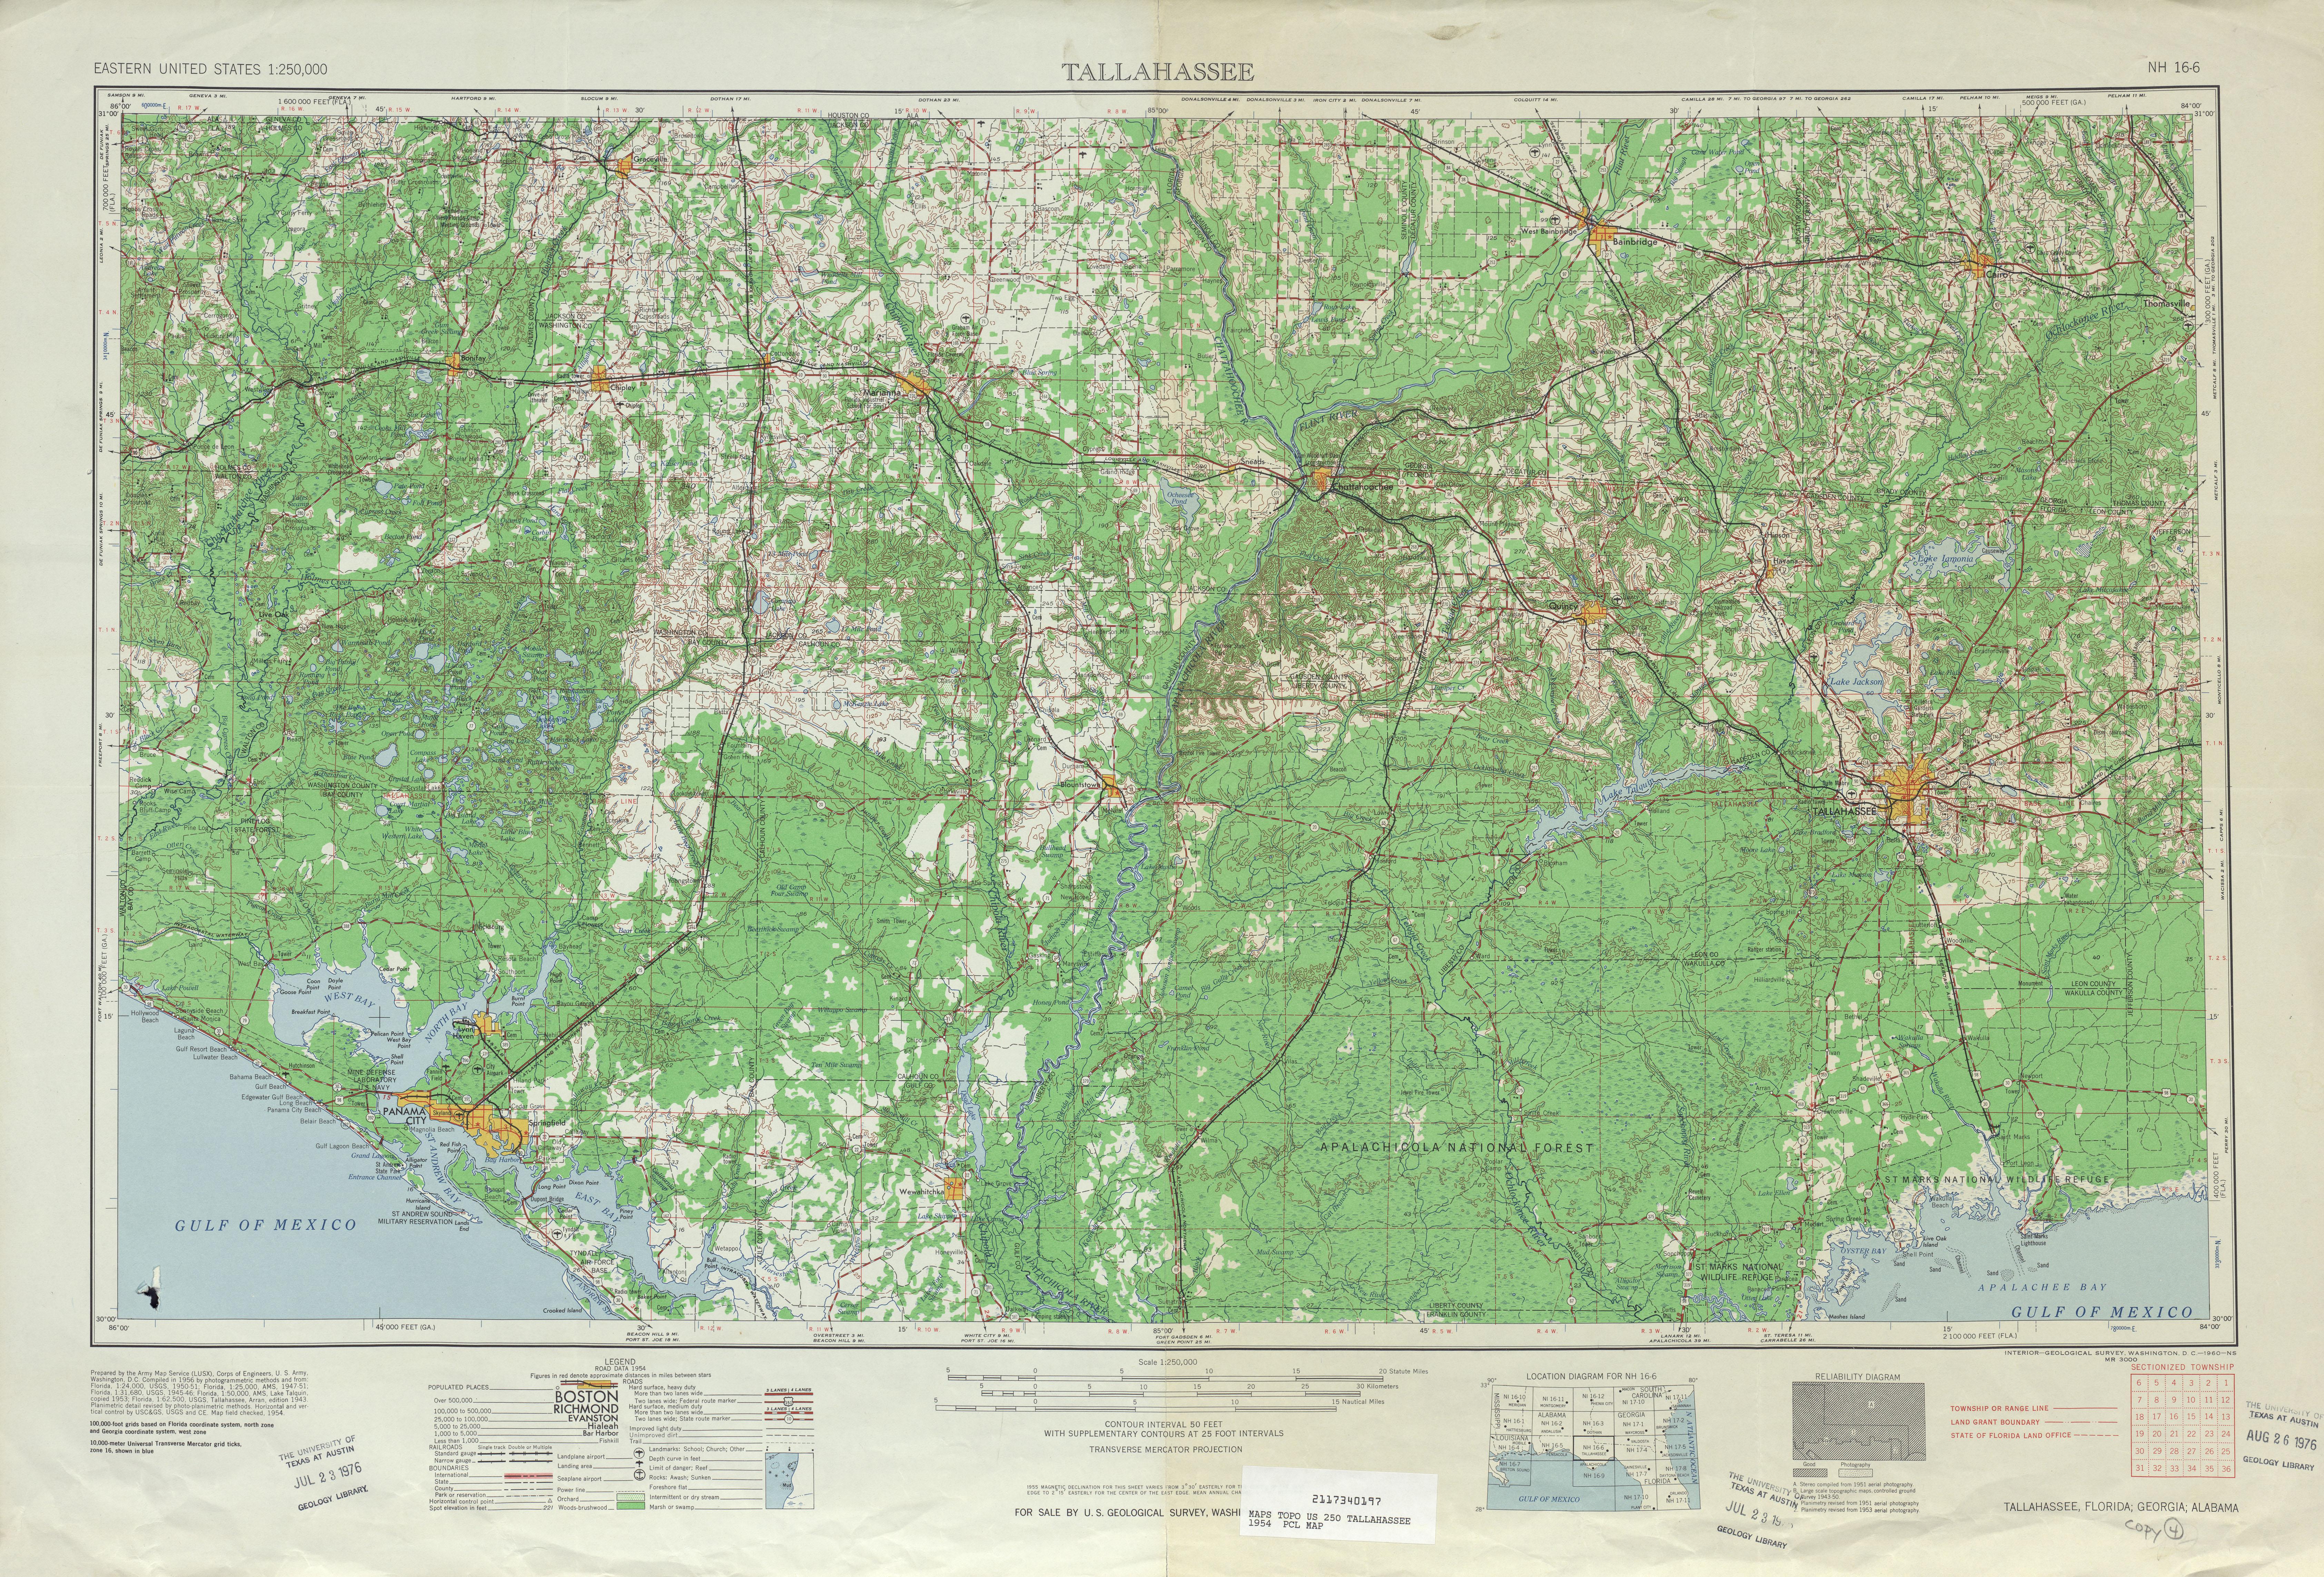 Hoja Tallahassee del Mapa Topográfico de los Estados Unidos 1954